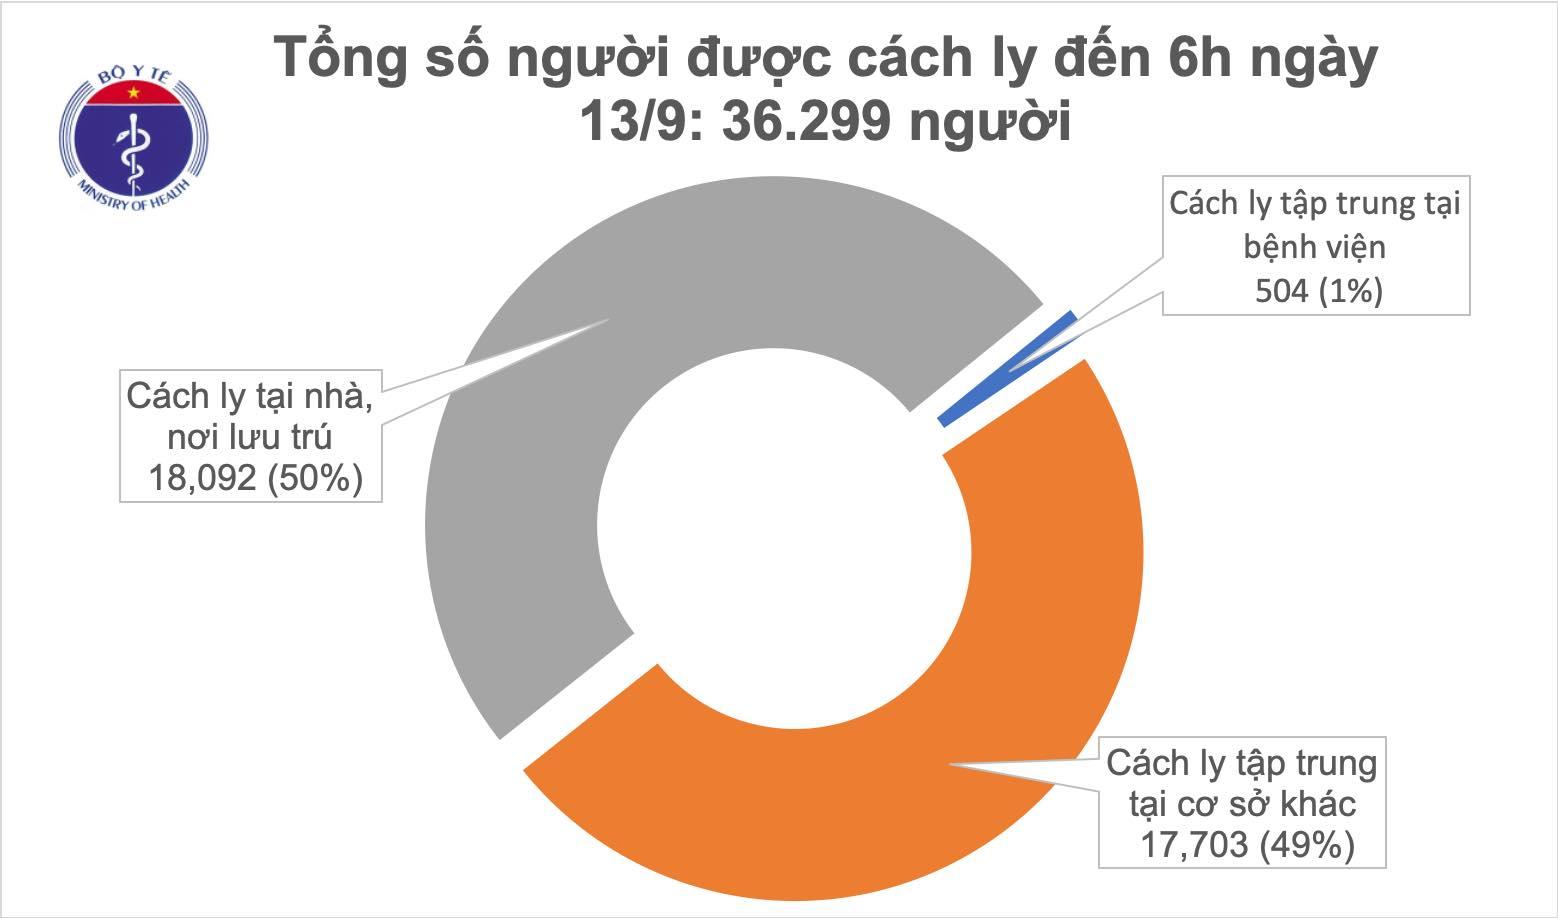 Sáng 13/9, đã 11 ngày không có ca mắc mới COVID-19 ở cộng đồng, 54 bệnh nhân âm tính từ 1-3 lần